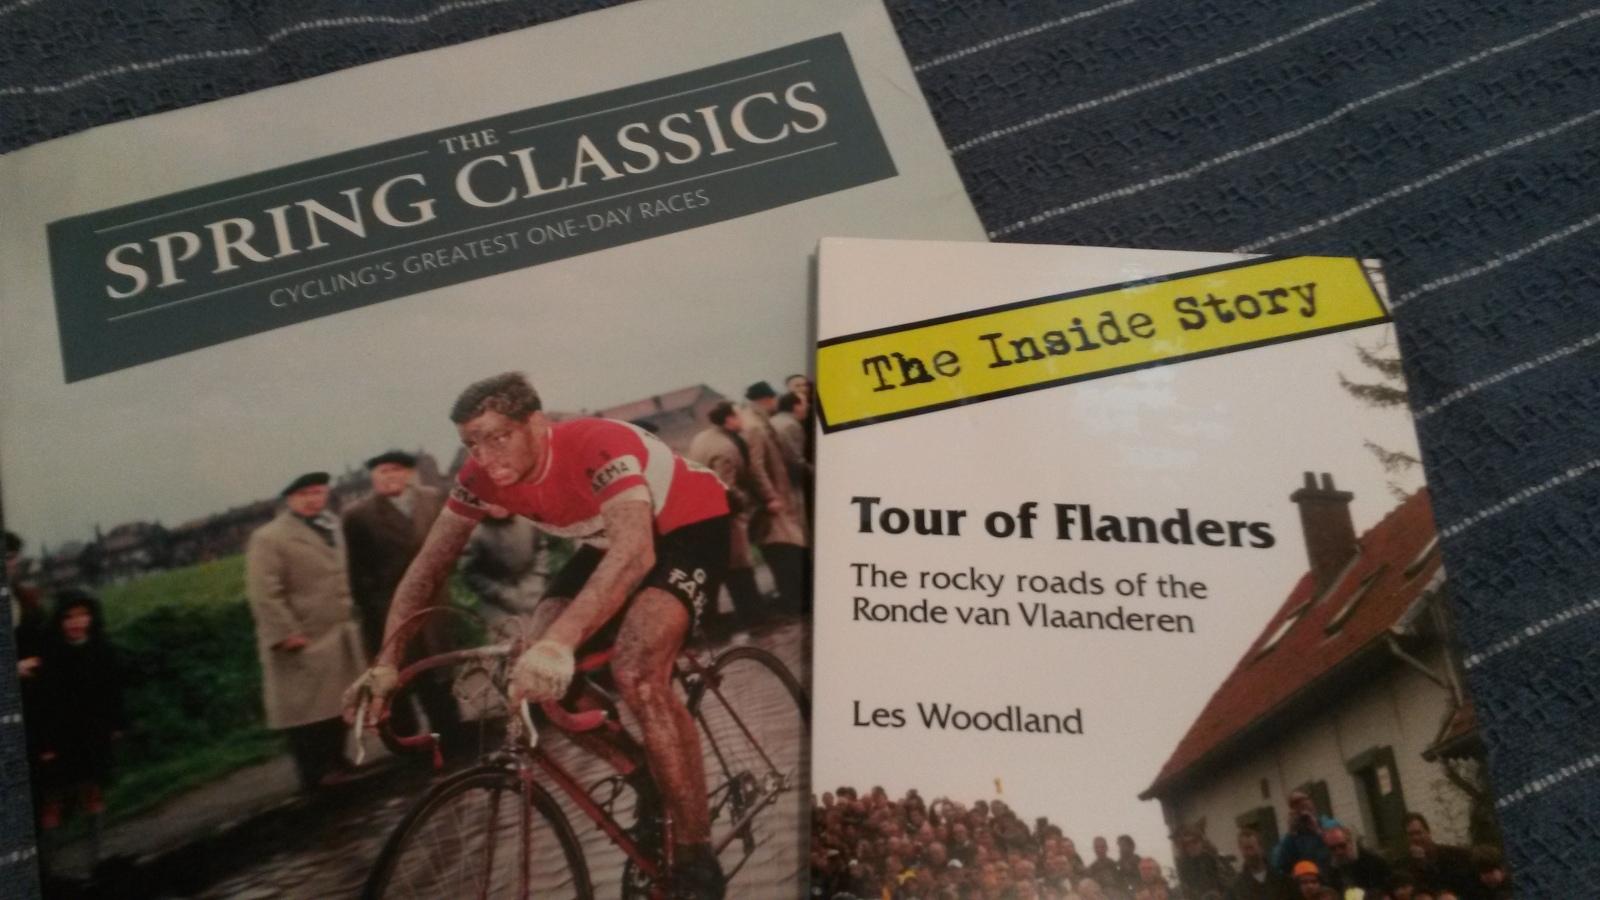 Literatura y ciclismo 2lxh56x